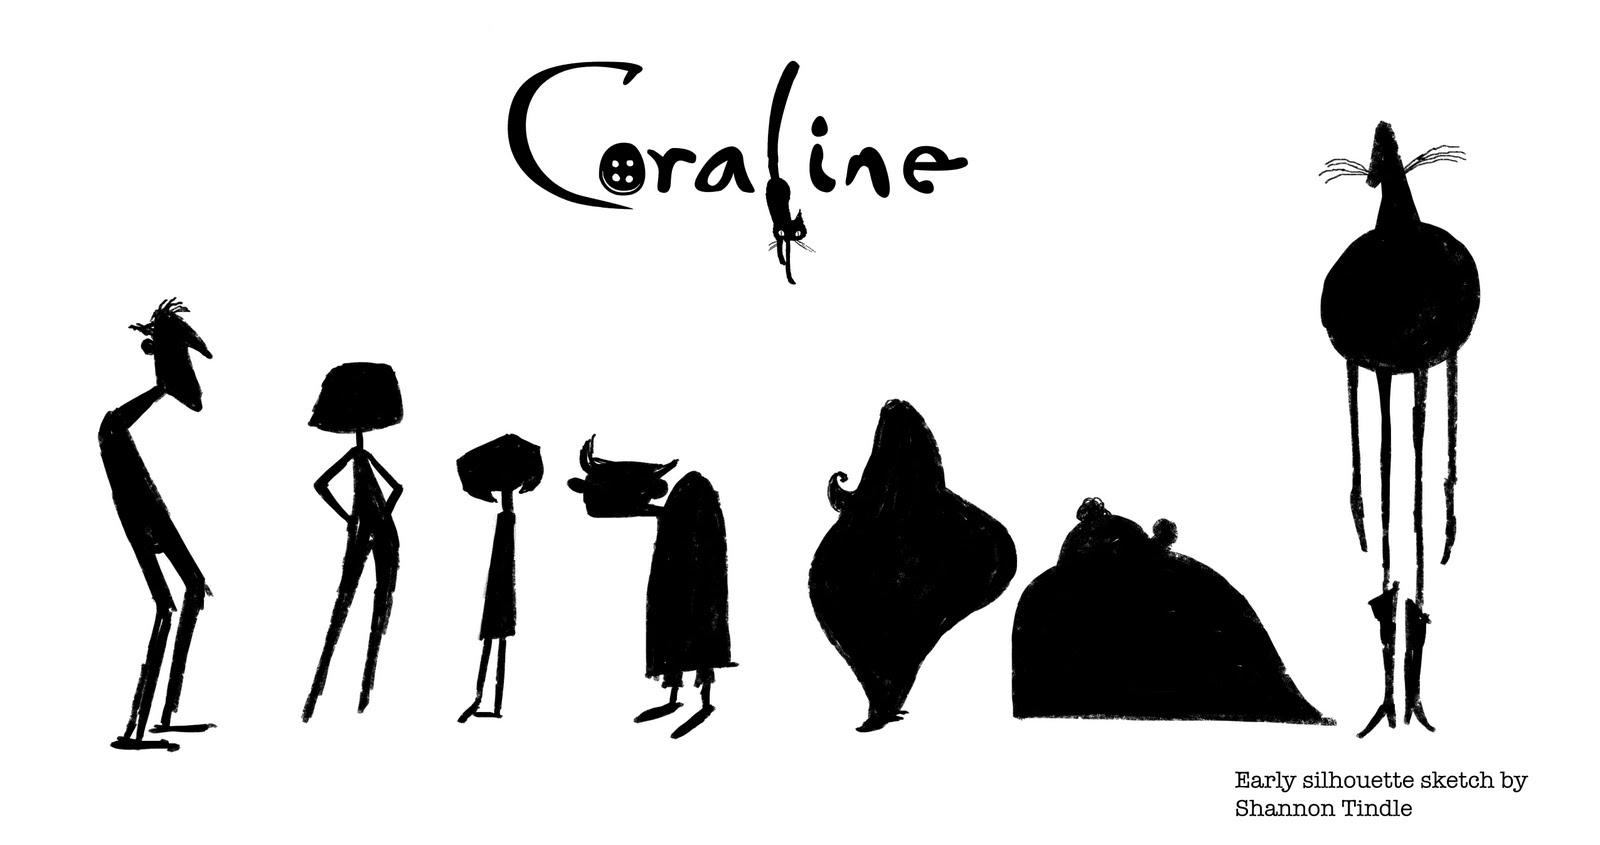 coraline-concept-art-character-design-20093.jpg